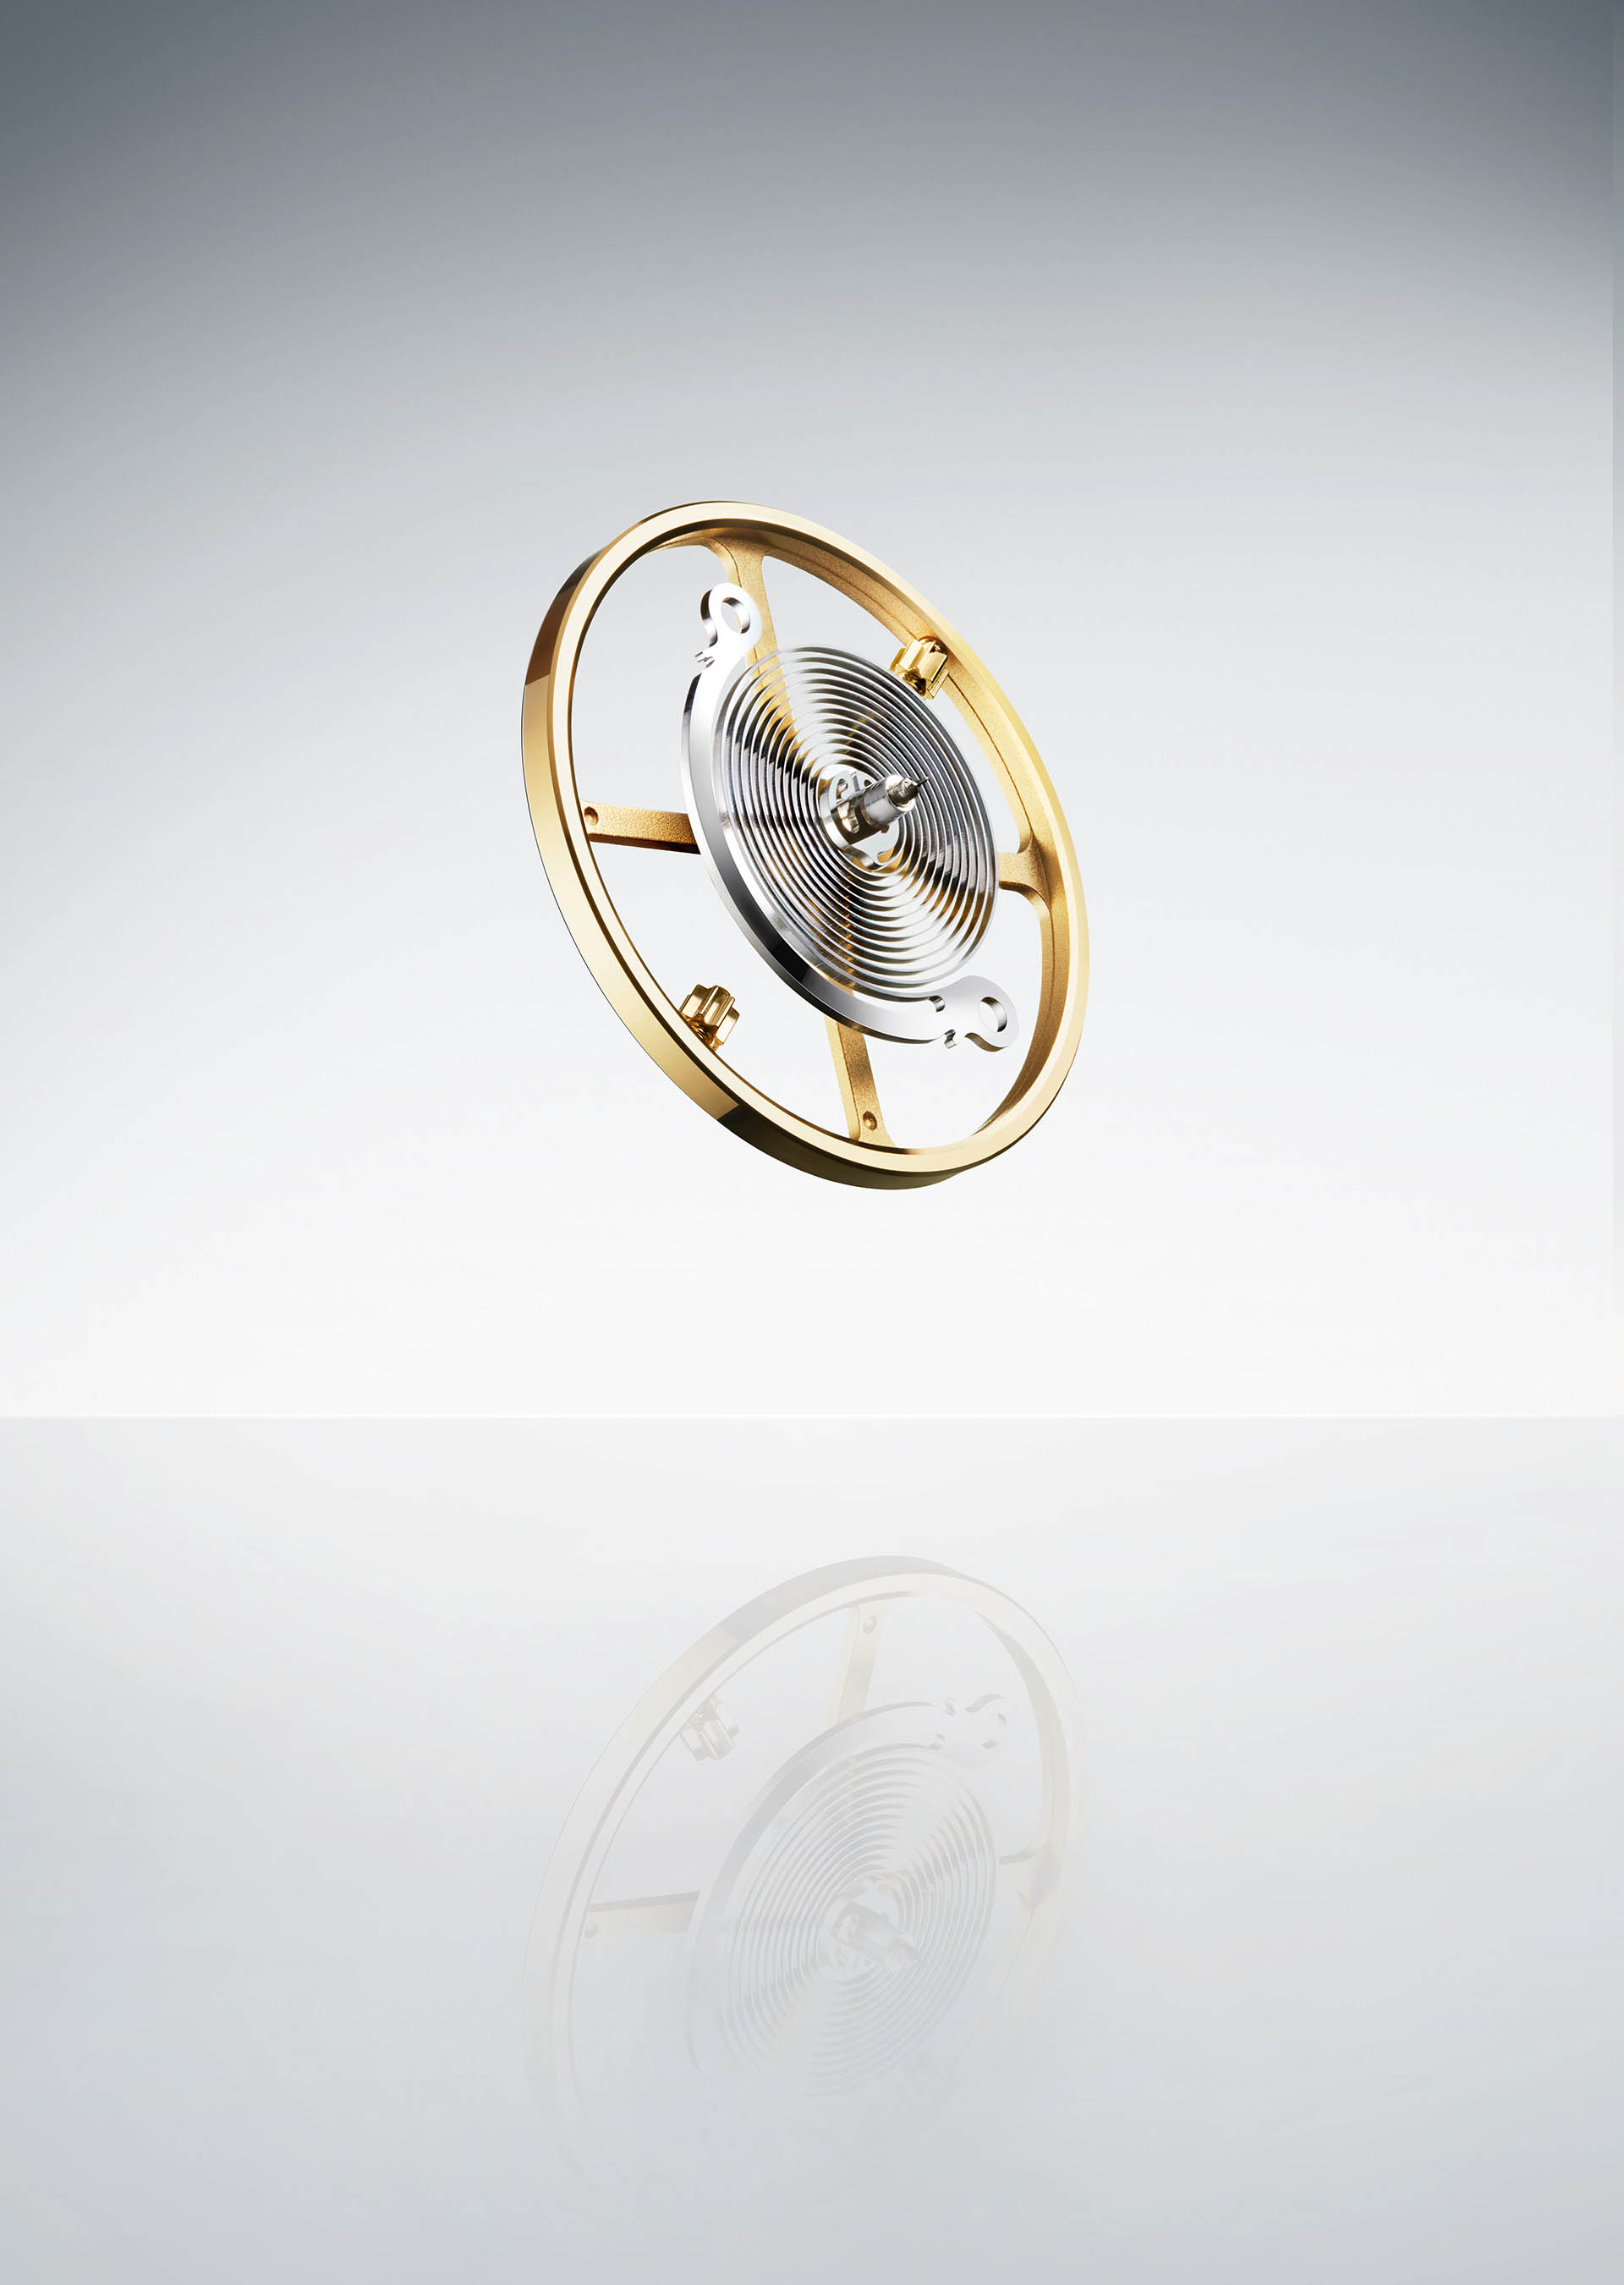 Rolex-Siliziumspirale (Syloxi)